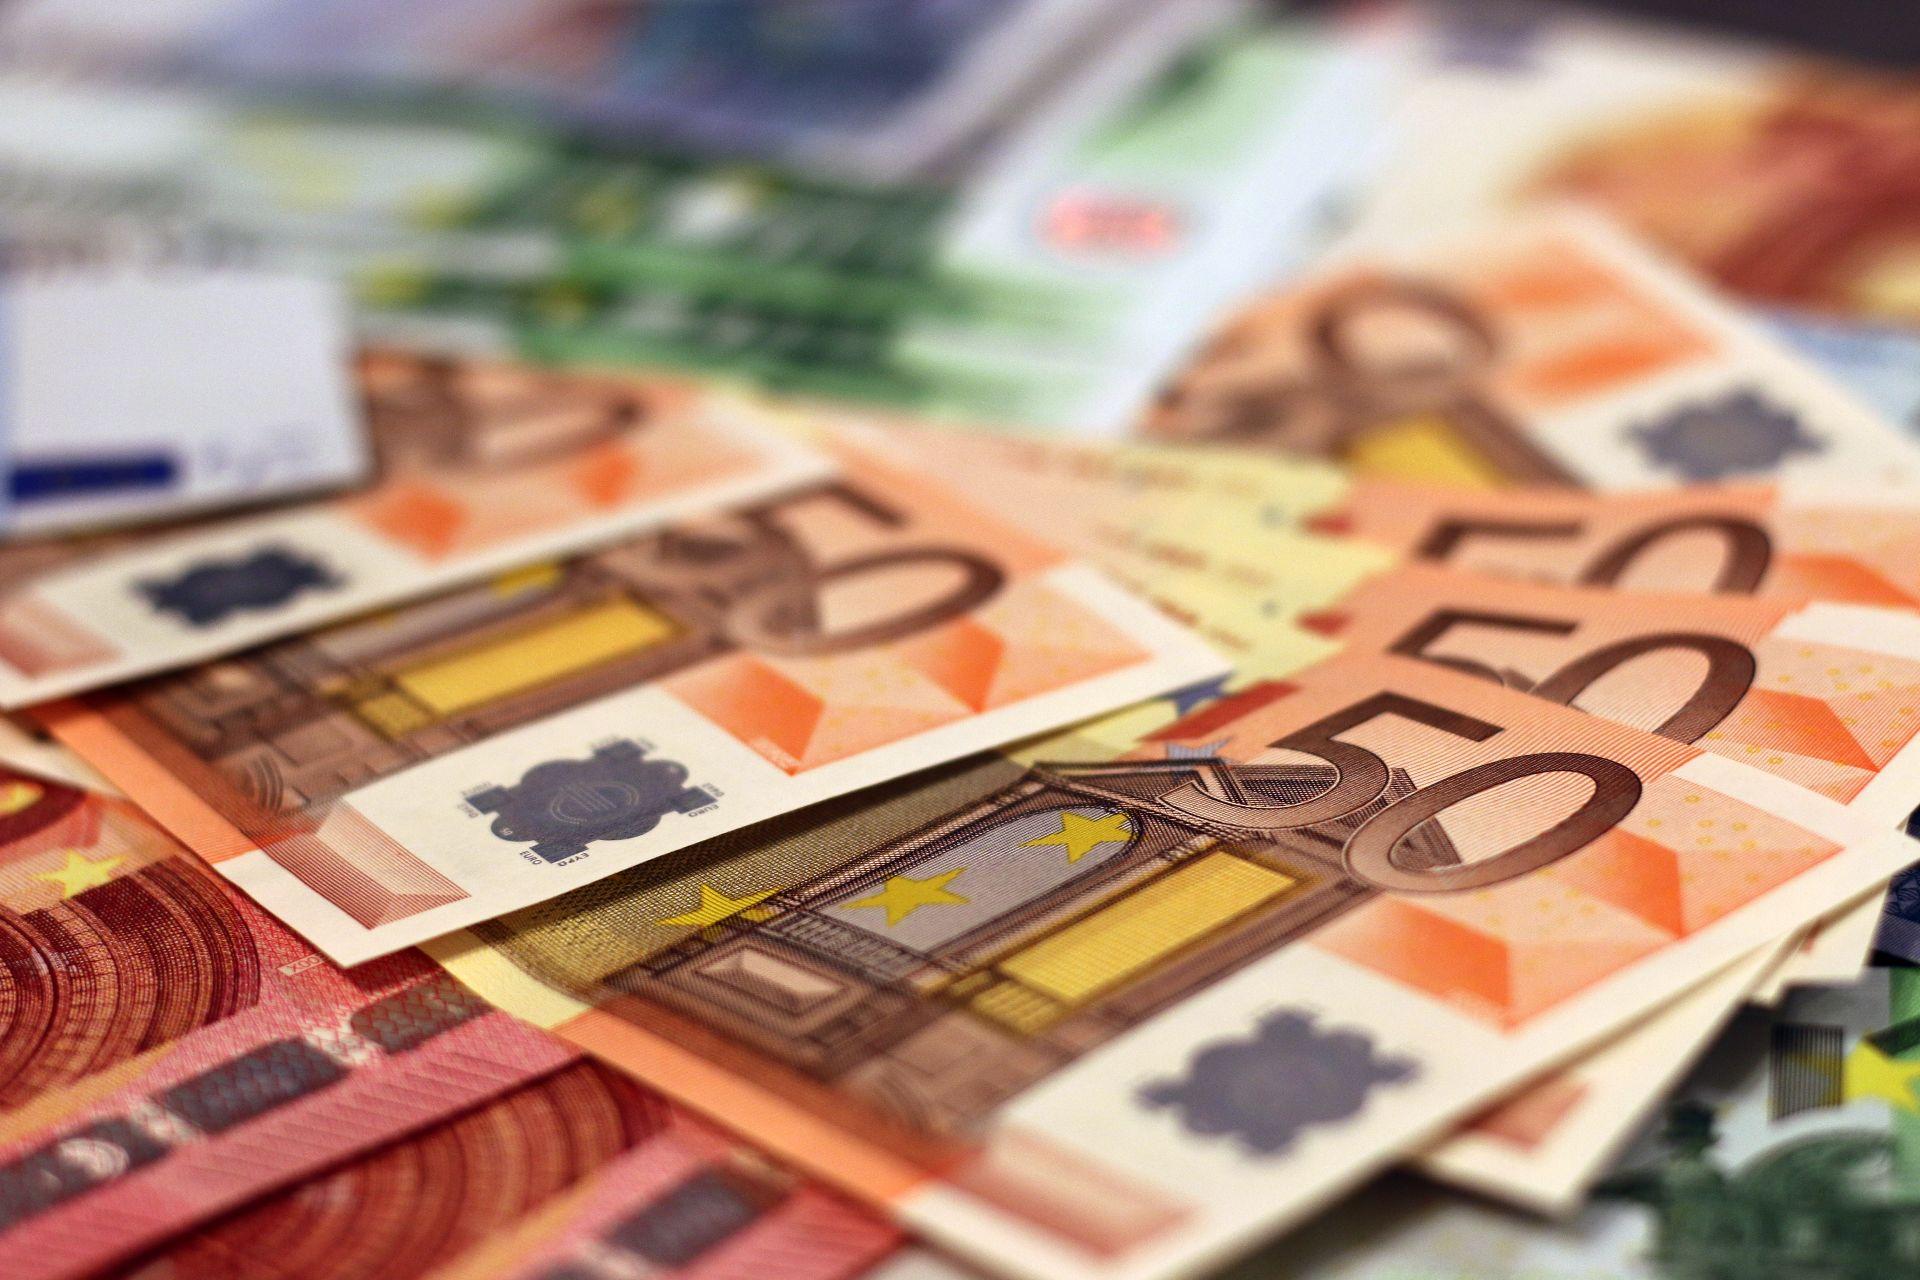 abundance-bank-bank-notes-banking-259249.jpg